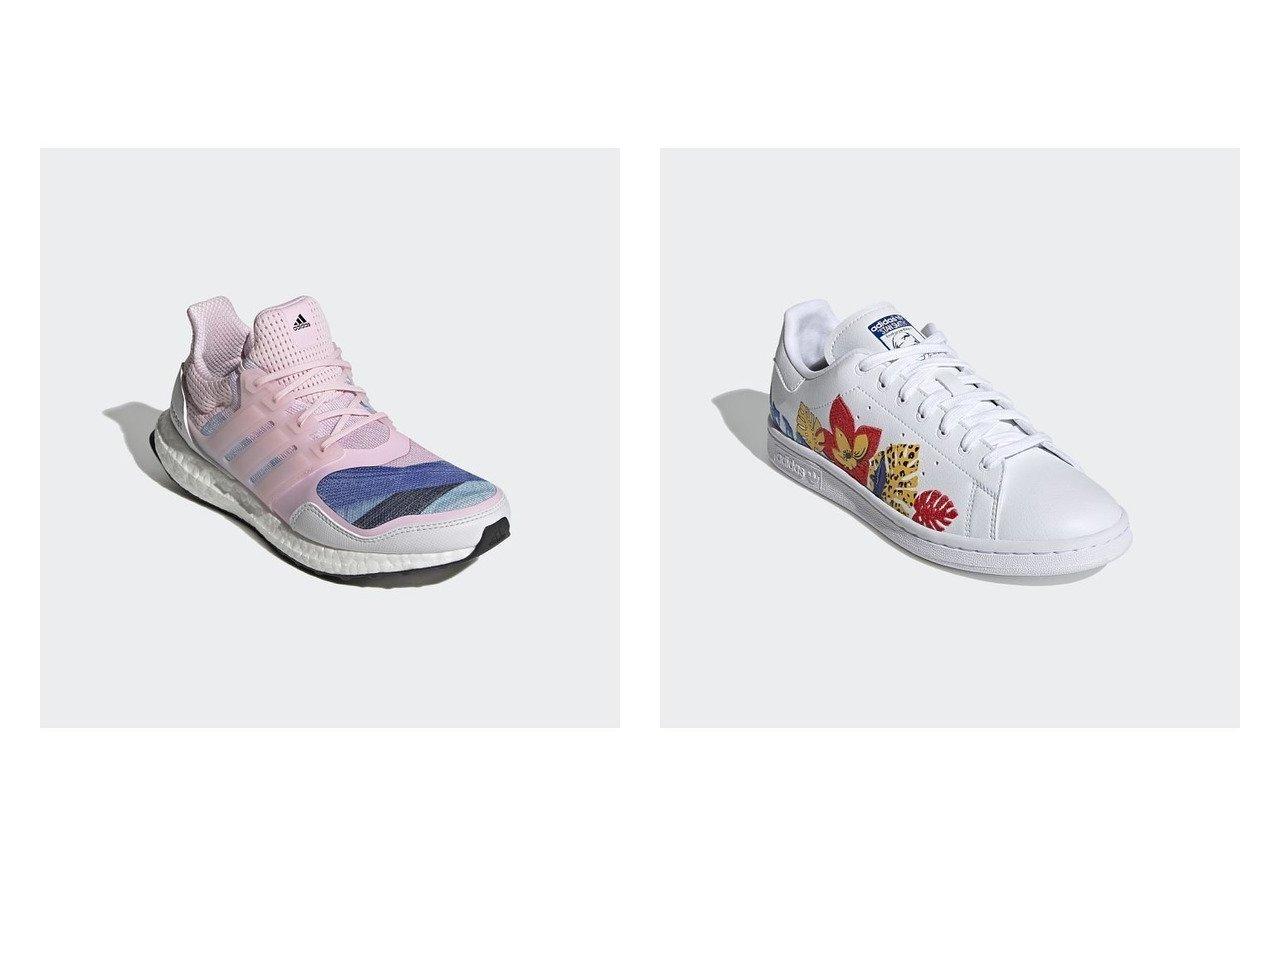 【adidas/アディダス】のウルトラブースト Ultraboost S L DNA&【adidas Originals/アディダス オリジナルス】のスタンスミス Stan Smith 別注・限定・コラボなど、おすすめ!人気トレンド・レディースファッション通販 おすすめで人気の流行・トレンド、ファッションの通販商品 メンズファッション・キッズファッション・インテリア・家具・レディースファッション・服の通販 founy(ファニー) https://founy.com/ ファッション Fashion レディースファッション WOMEN コラボ シューズ スニーカー フィット ライニング ラバー レース NEW・新作・新着・新入荷 New Arrivals クラシック プリント レギュラー |ID:crp329100000015791